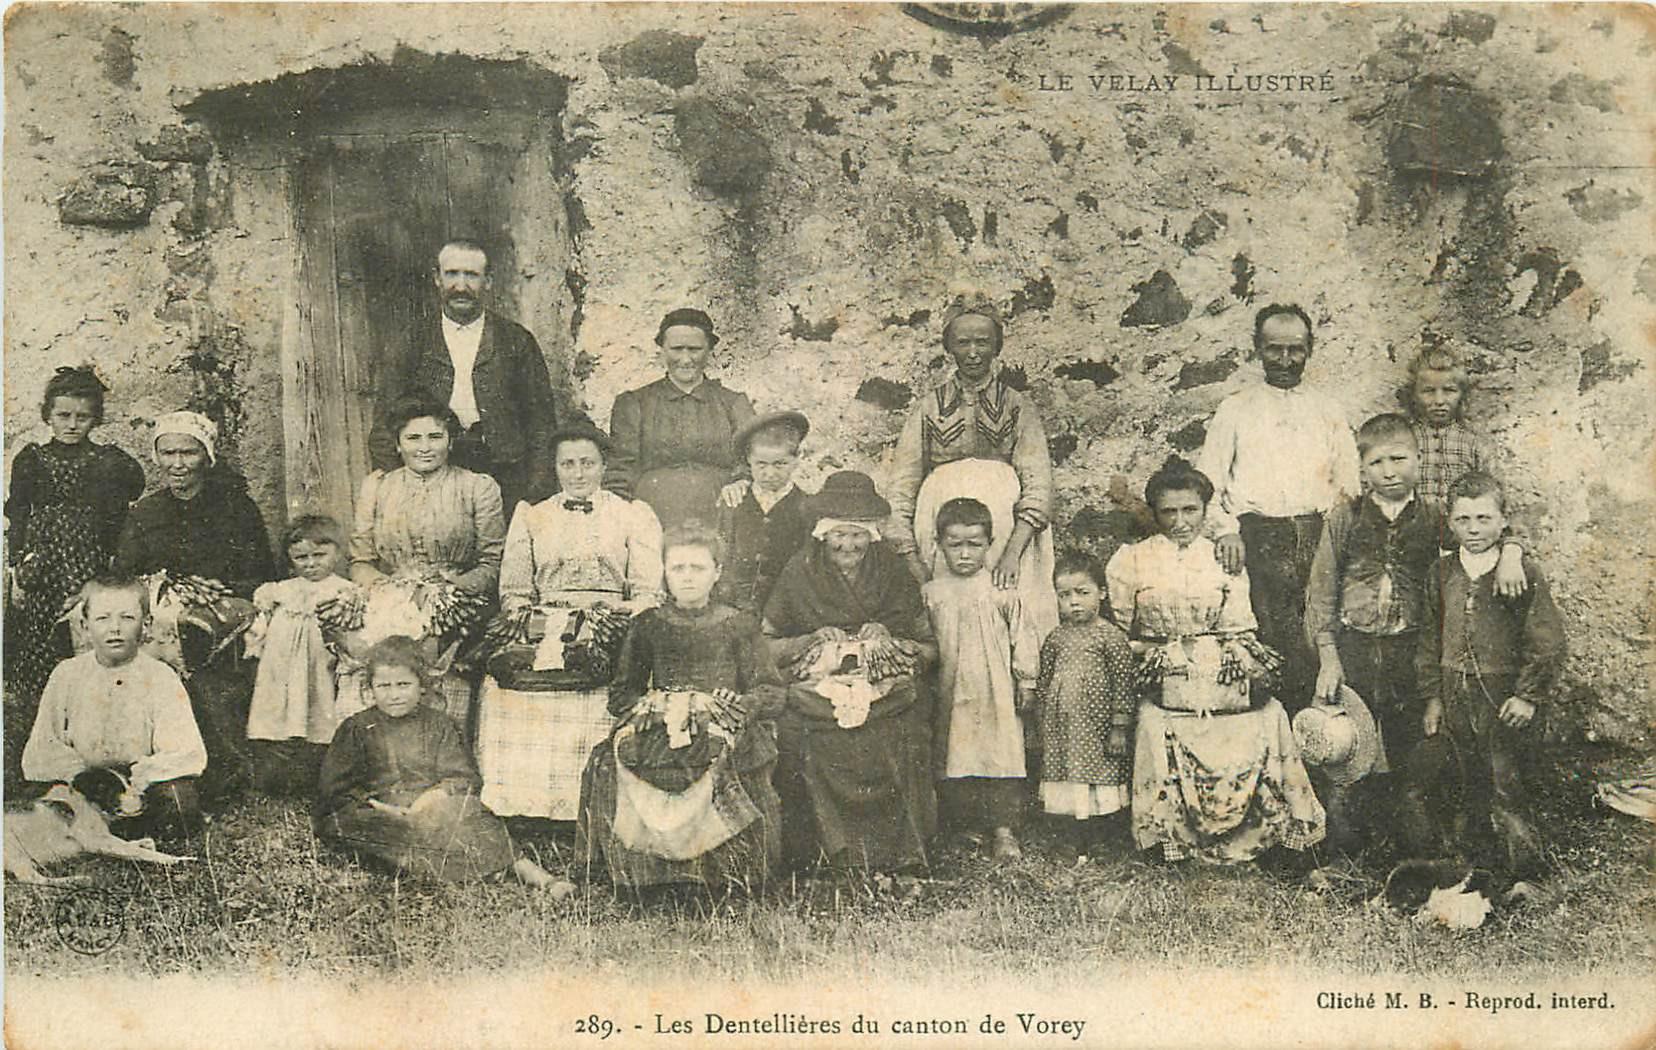 WW 43 LE VELAY. Les Dentellières du Canton de Vorey 1906